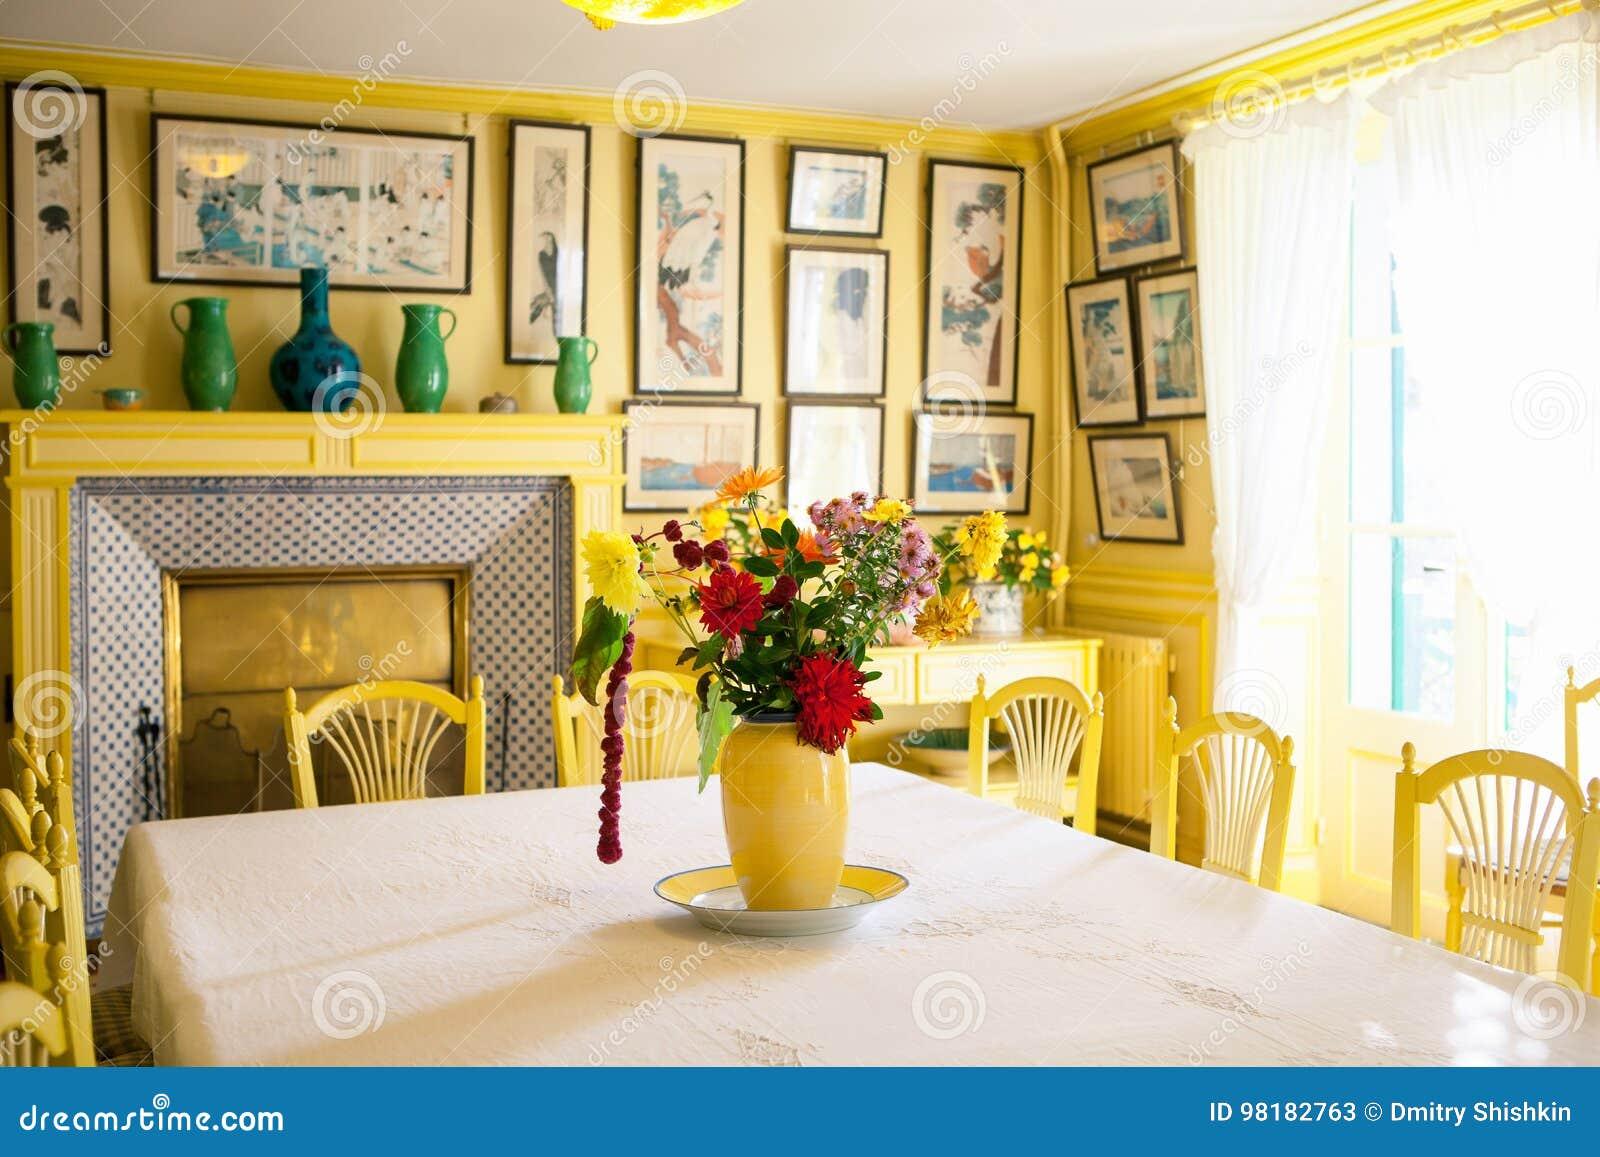 Giverny, Francia - 20 Ottobre 2016: Dentro La Casa Del Pittore ...